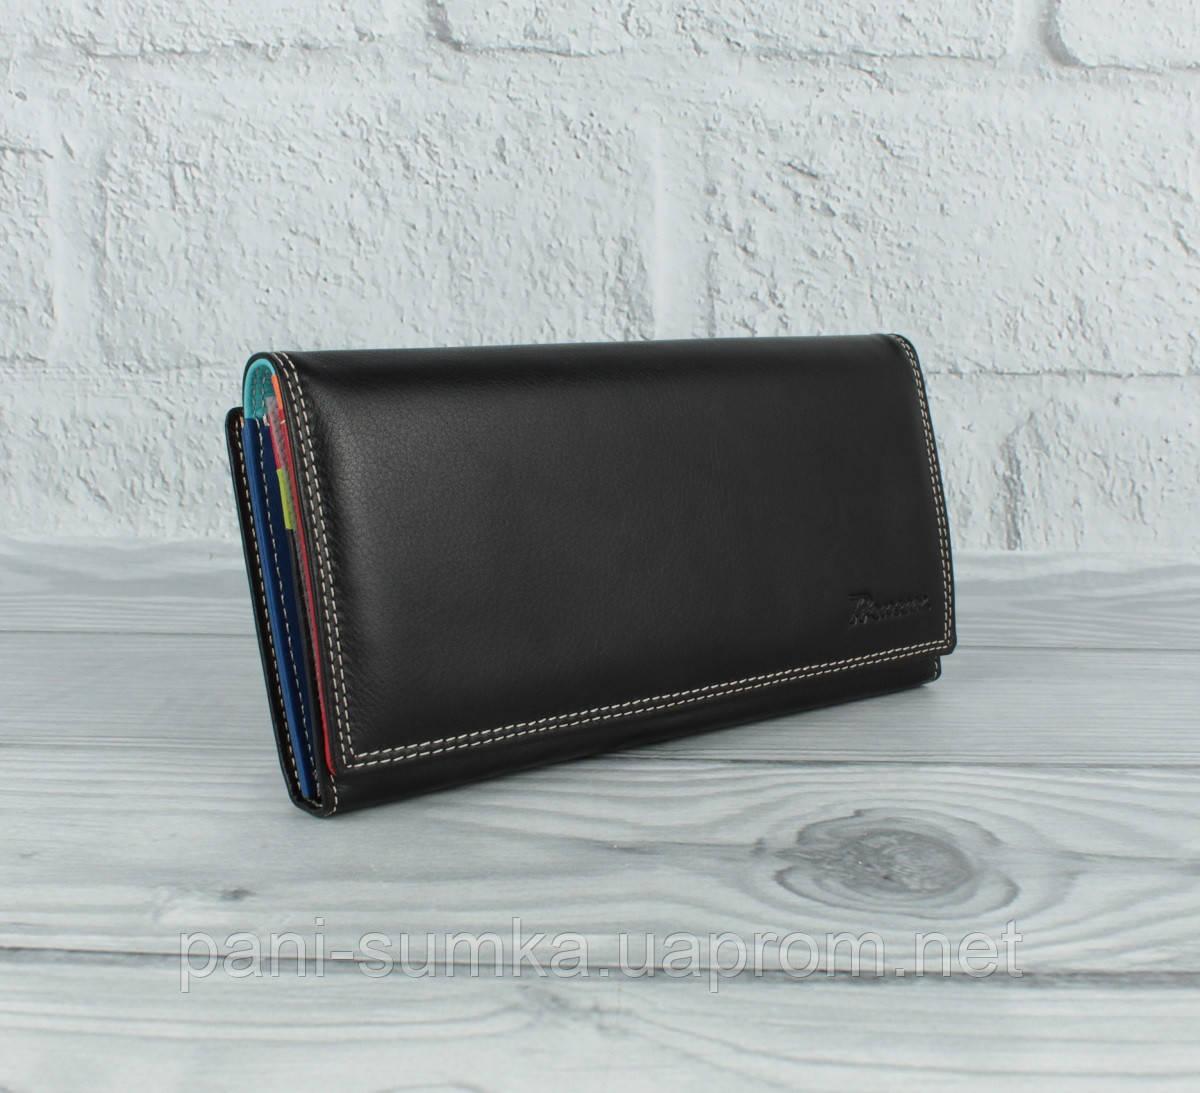 Кожаный кошелек Prensiti 122-6604 черный на кнопке, классический (монетница снаружи)